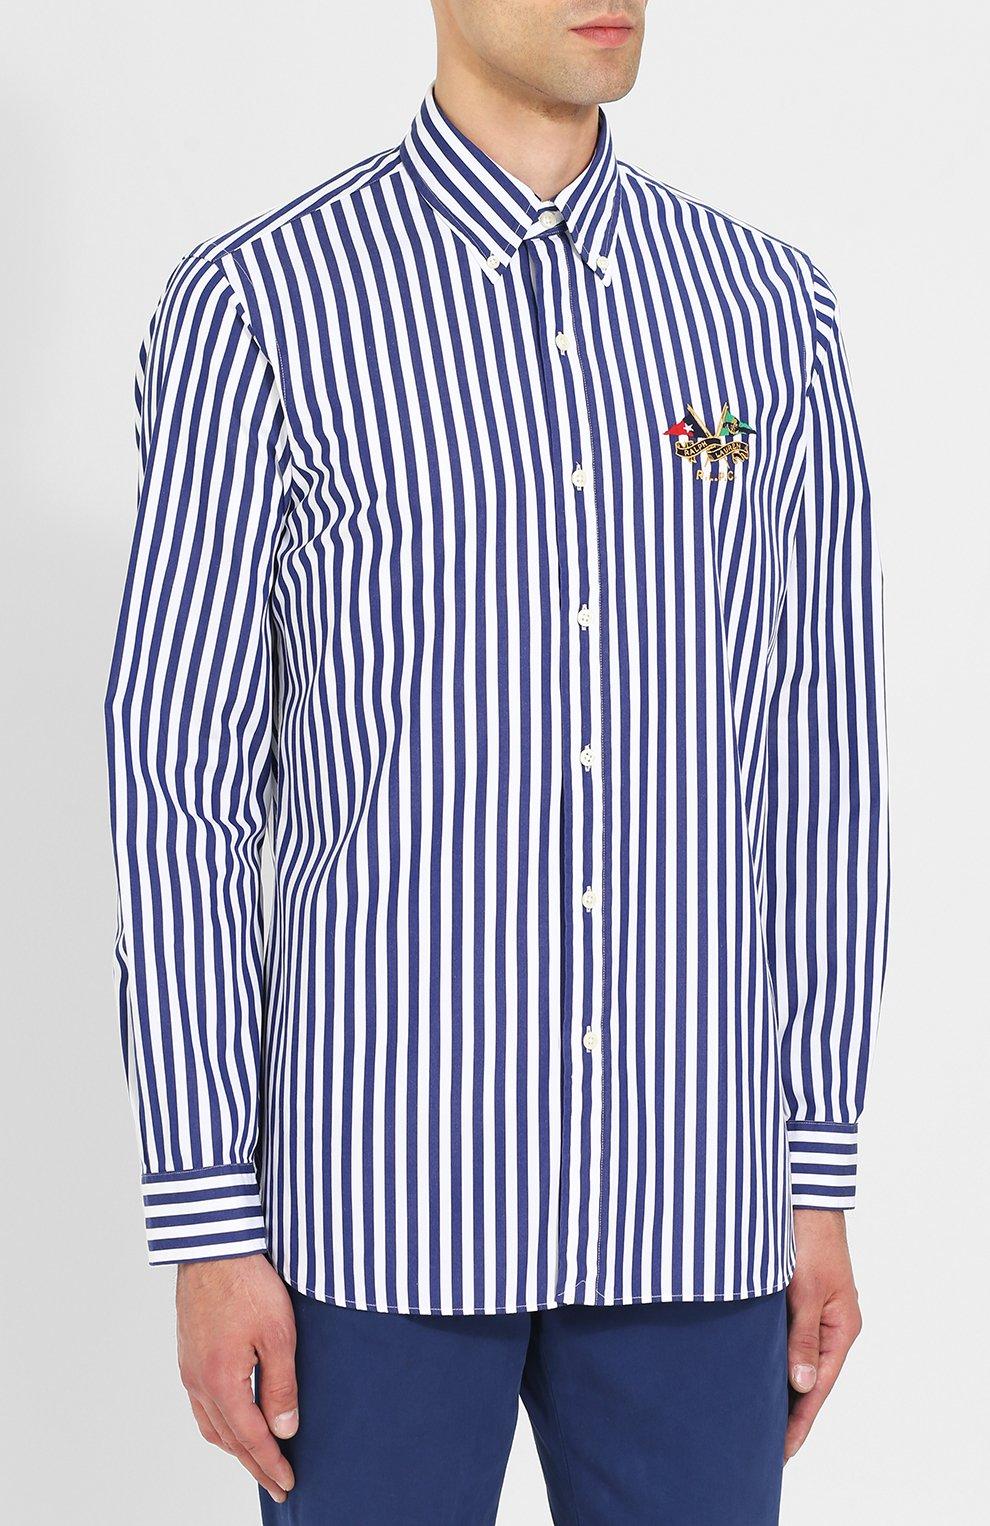 d4e2476ffb8 Хлопковая рубашка в полоску с воротником button down Polo Ralph Lauren  синяя